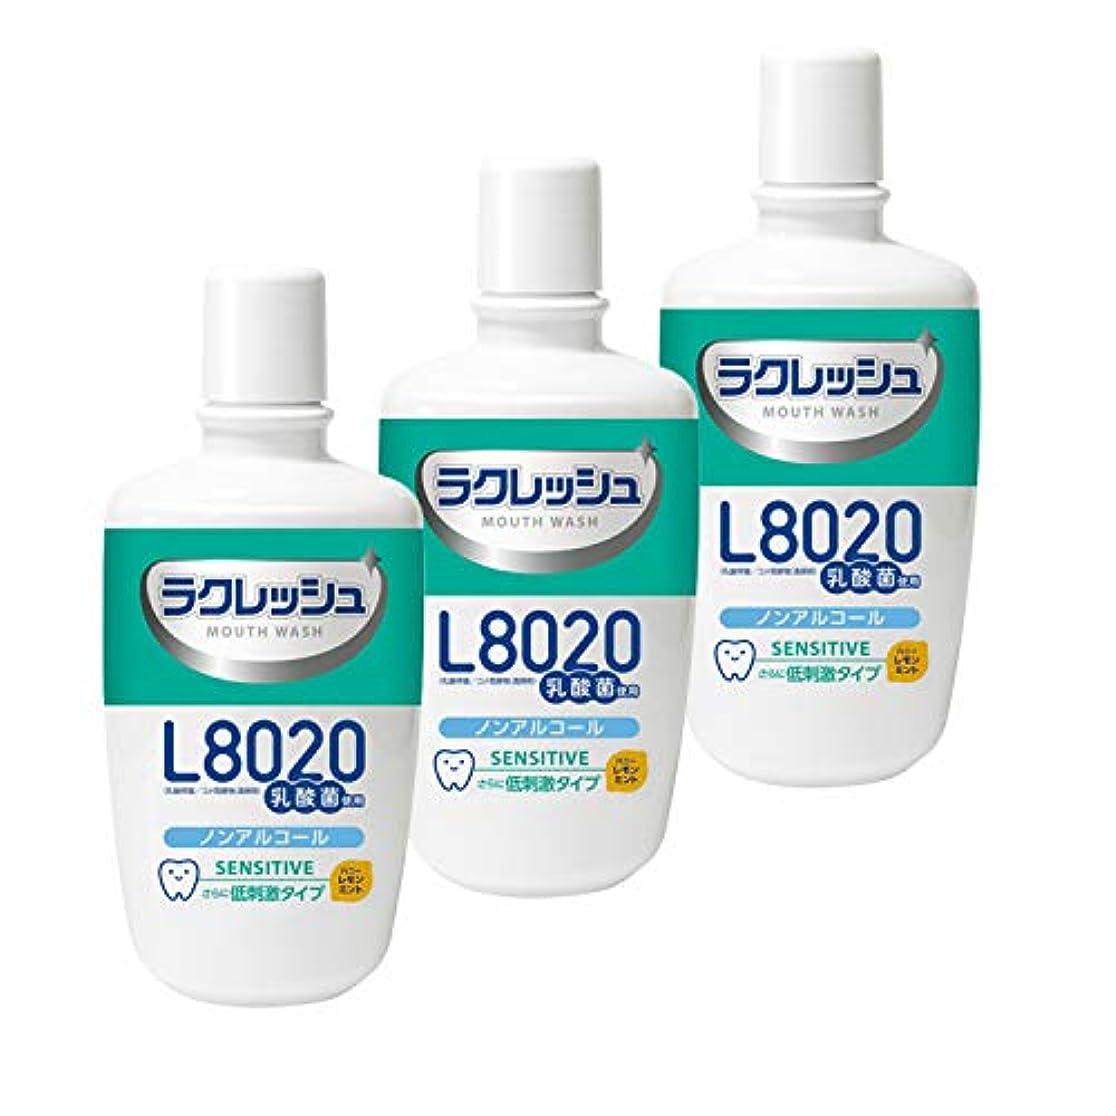 範囲経済的スーツジェクス(JEX) ラクレッシュ L8020 乳酸菌 マウスウォッシュ (300ml) 3本セット センシティブタイプ (ノンアルコール/さらに低刺激)